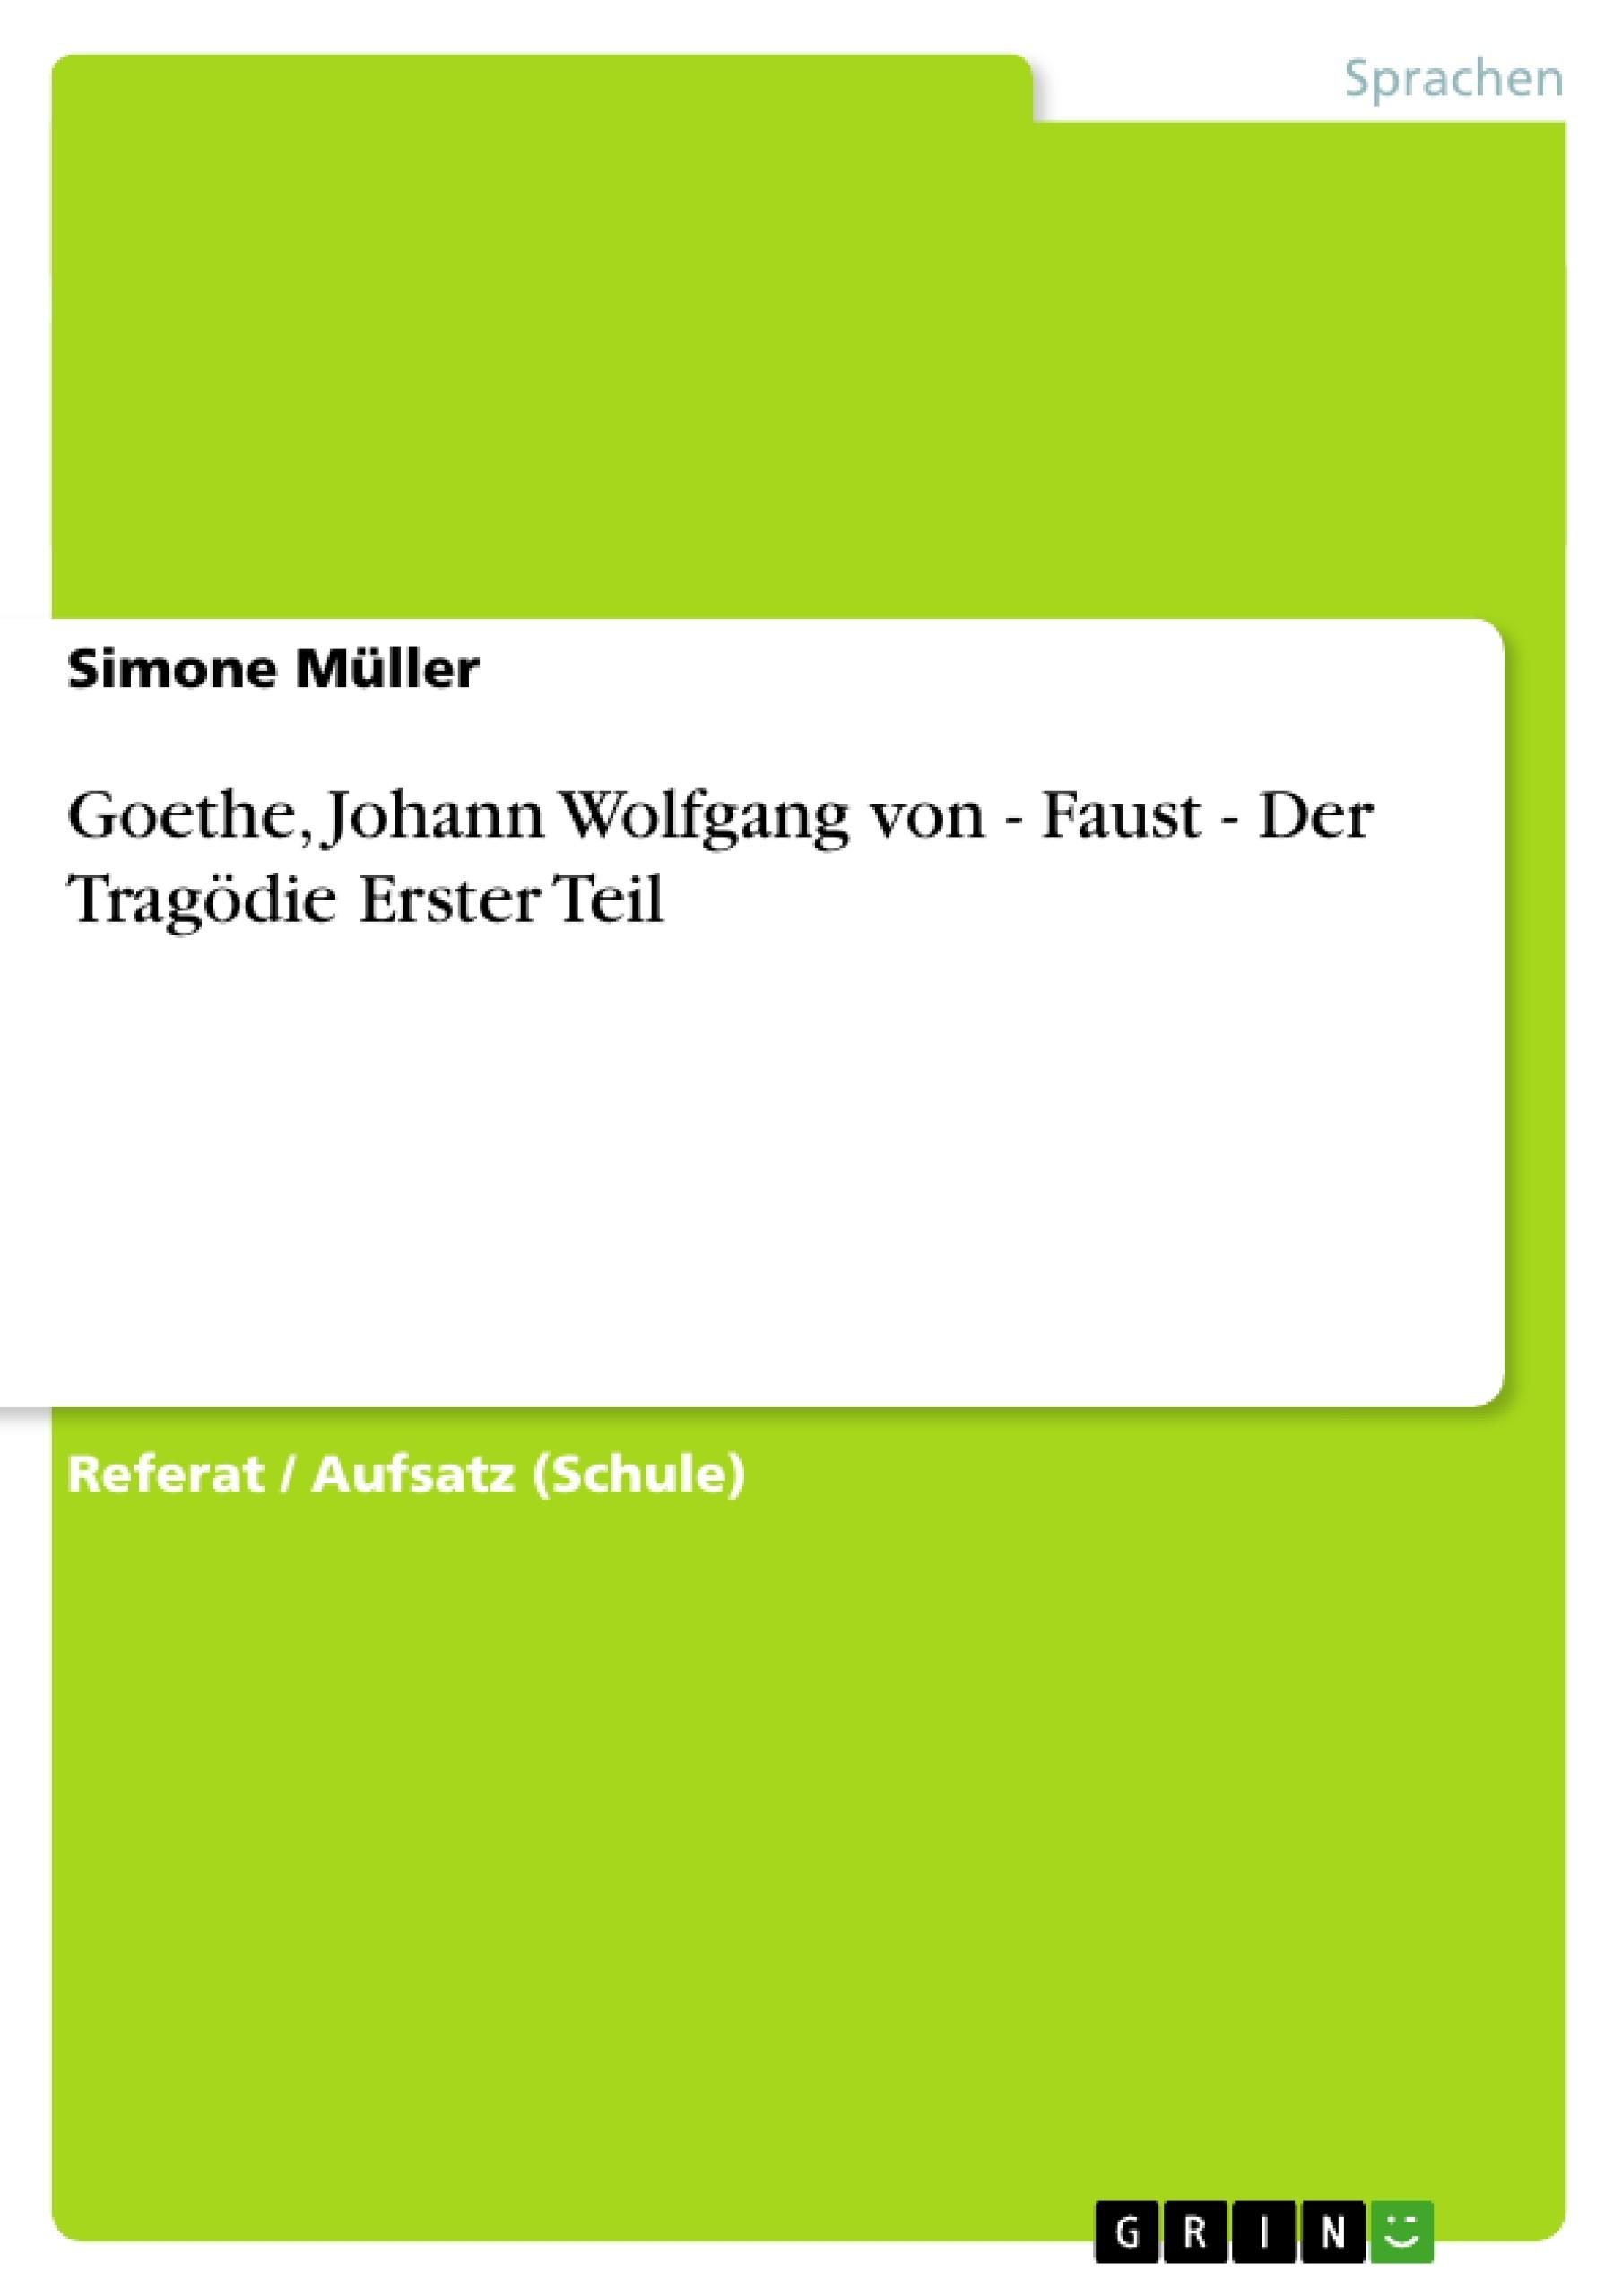 Titel: Goethe, Johann Wolfgang von - Faust - Der Tragödie Erster Teil